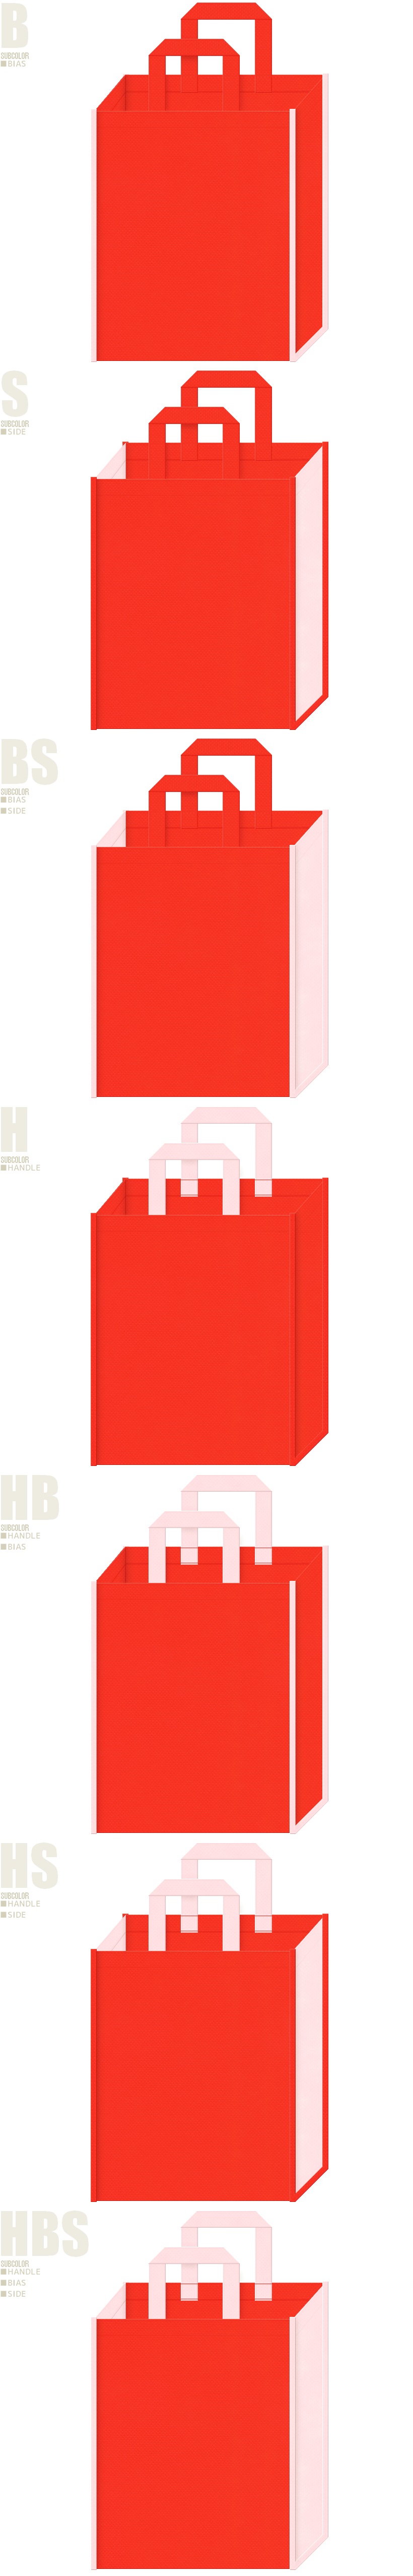 むかし話・絵本の展示会用バッグにお奨めの不織布バッグデザイン:オレンジ色と桜色の配色7パターン